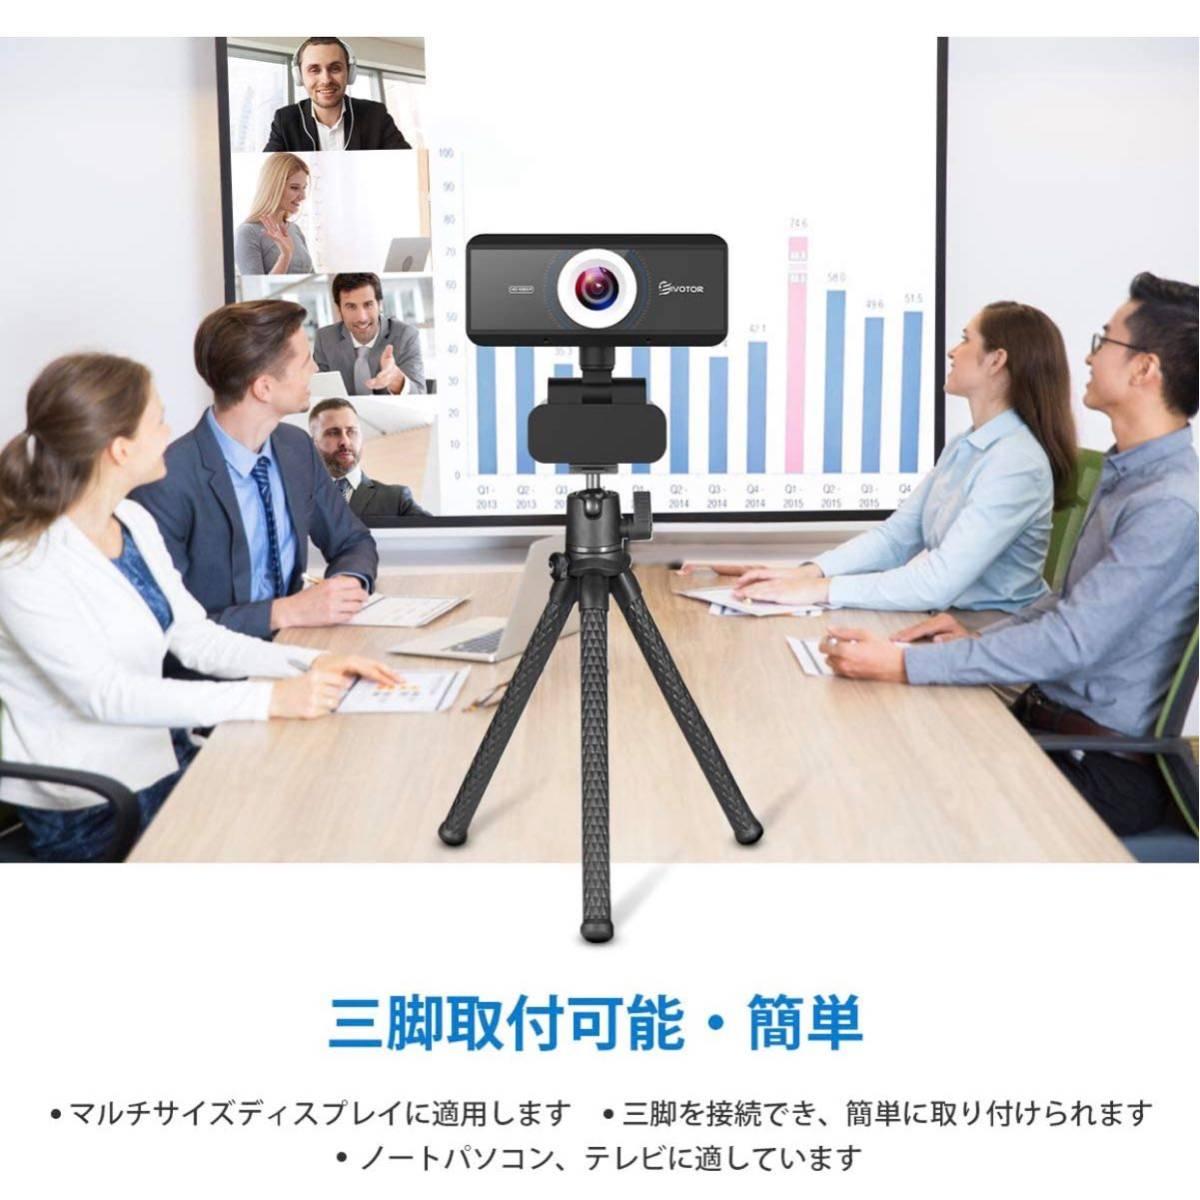 ウェブカメラ フルHD WEBカメラ 美顔機能 マイク内蔵 1080P